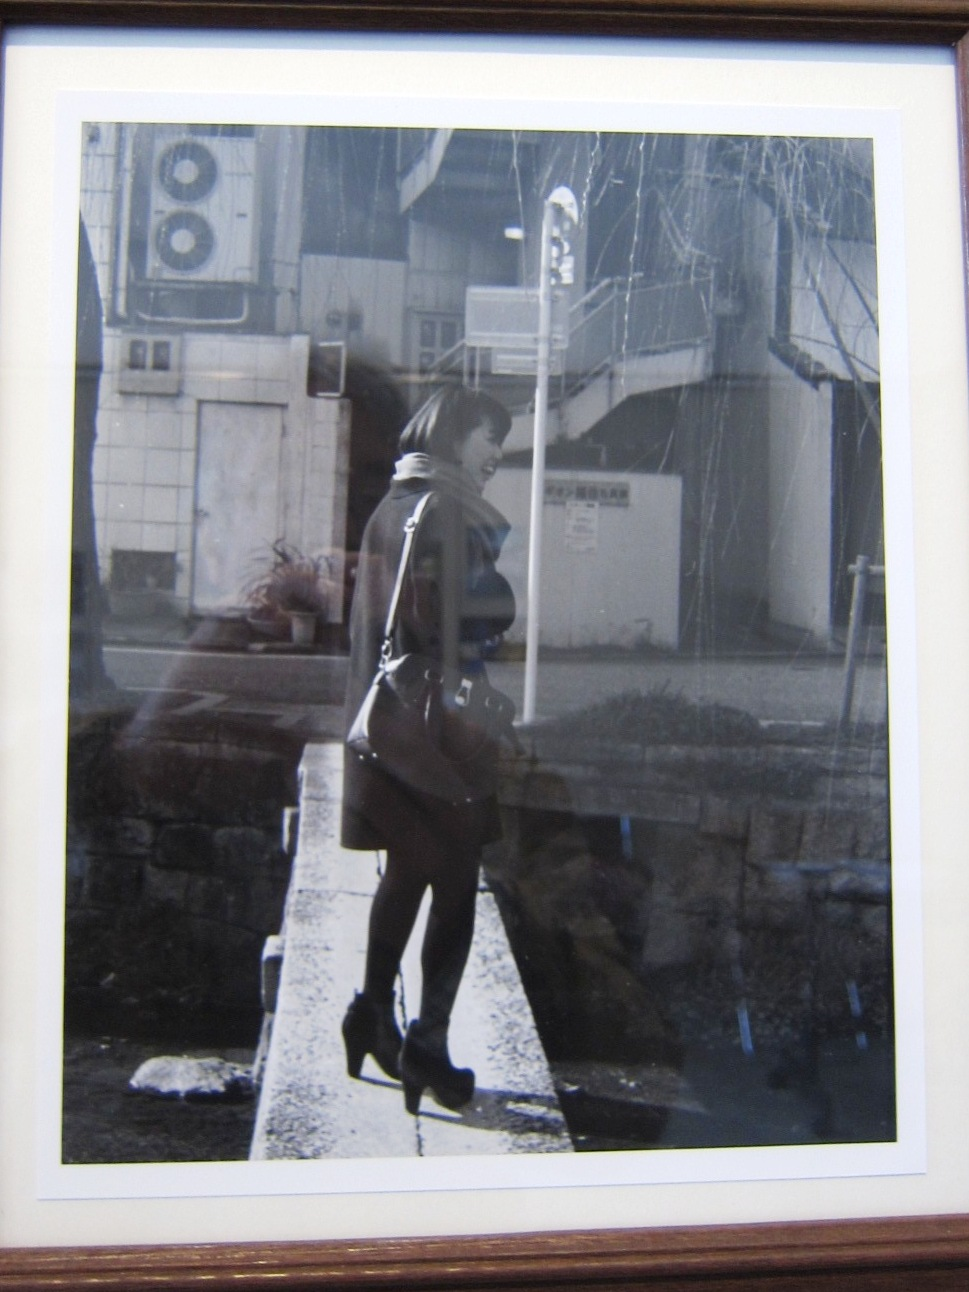 2372) 「小樽商科大学 写真部 三月展」 資料館 終了/3月11日(火)~3月16日(日)_f0126829_2147311.jpg